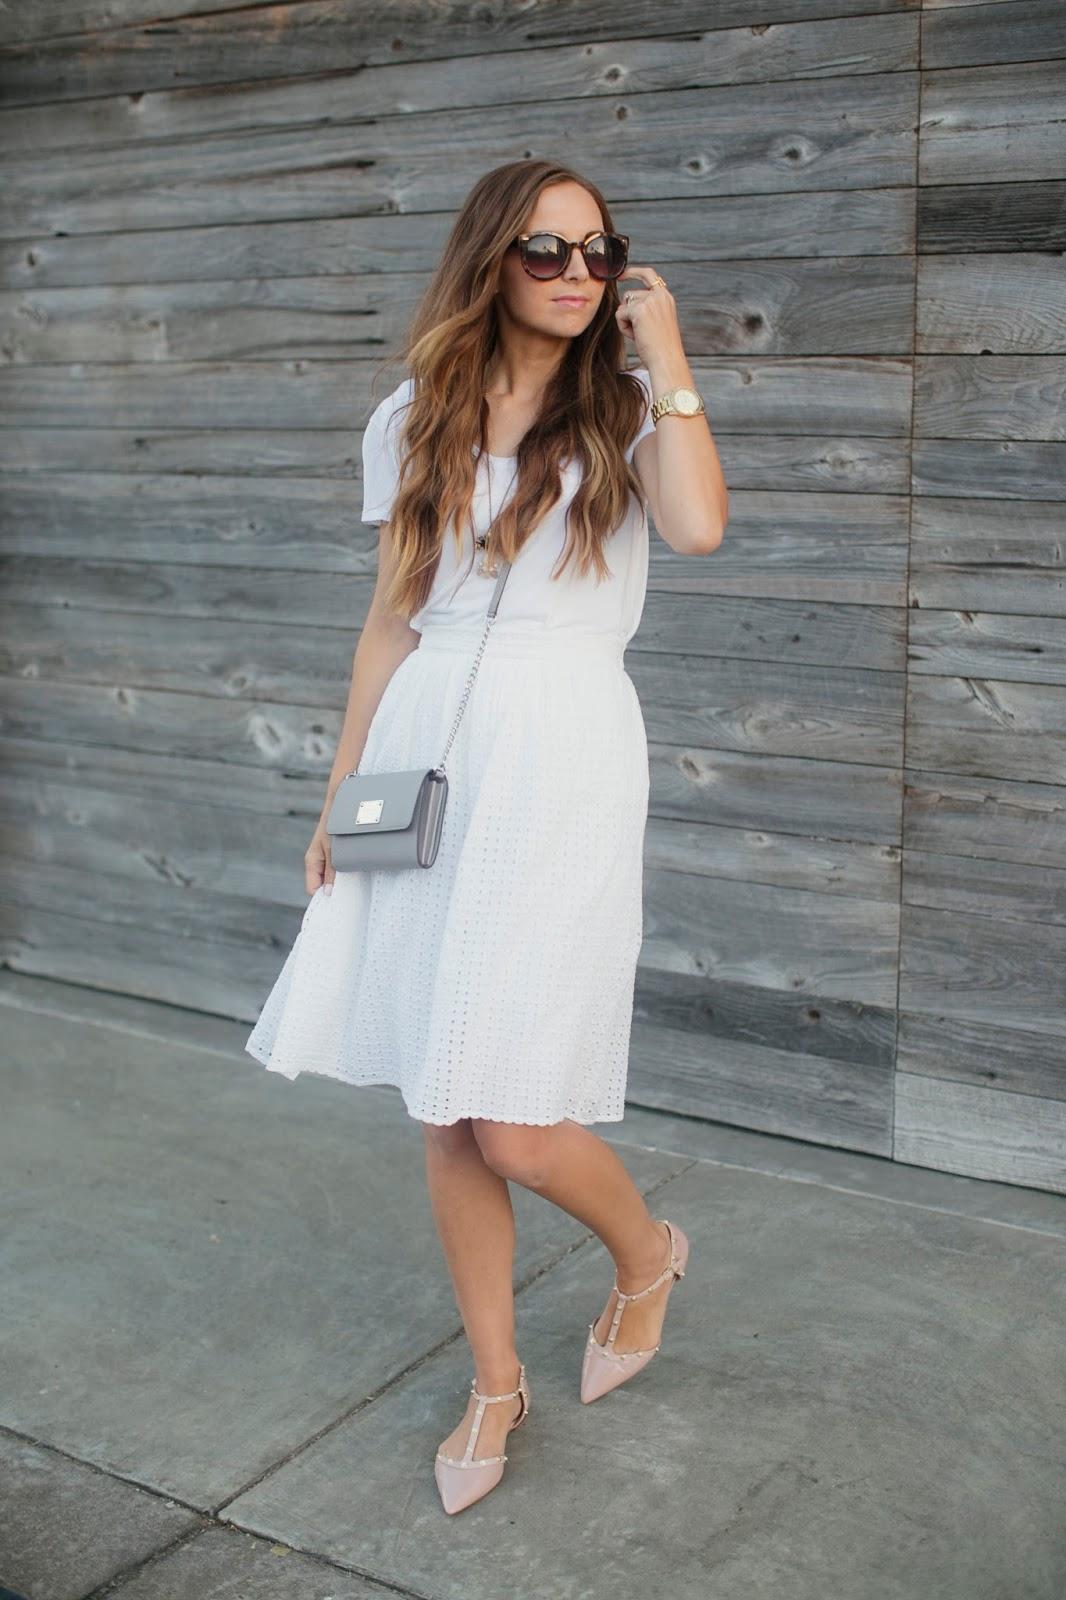 Белое платье и розовые босоножки на свидание